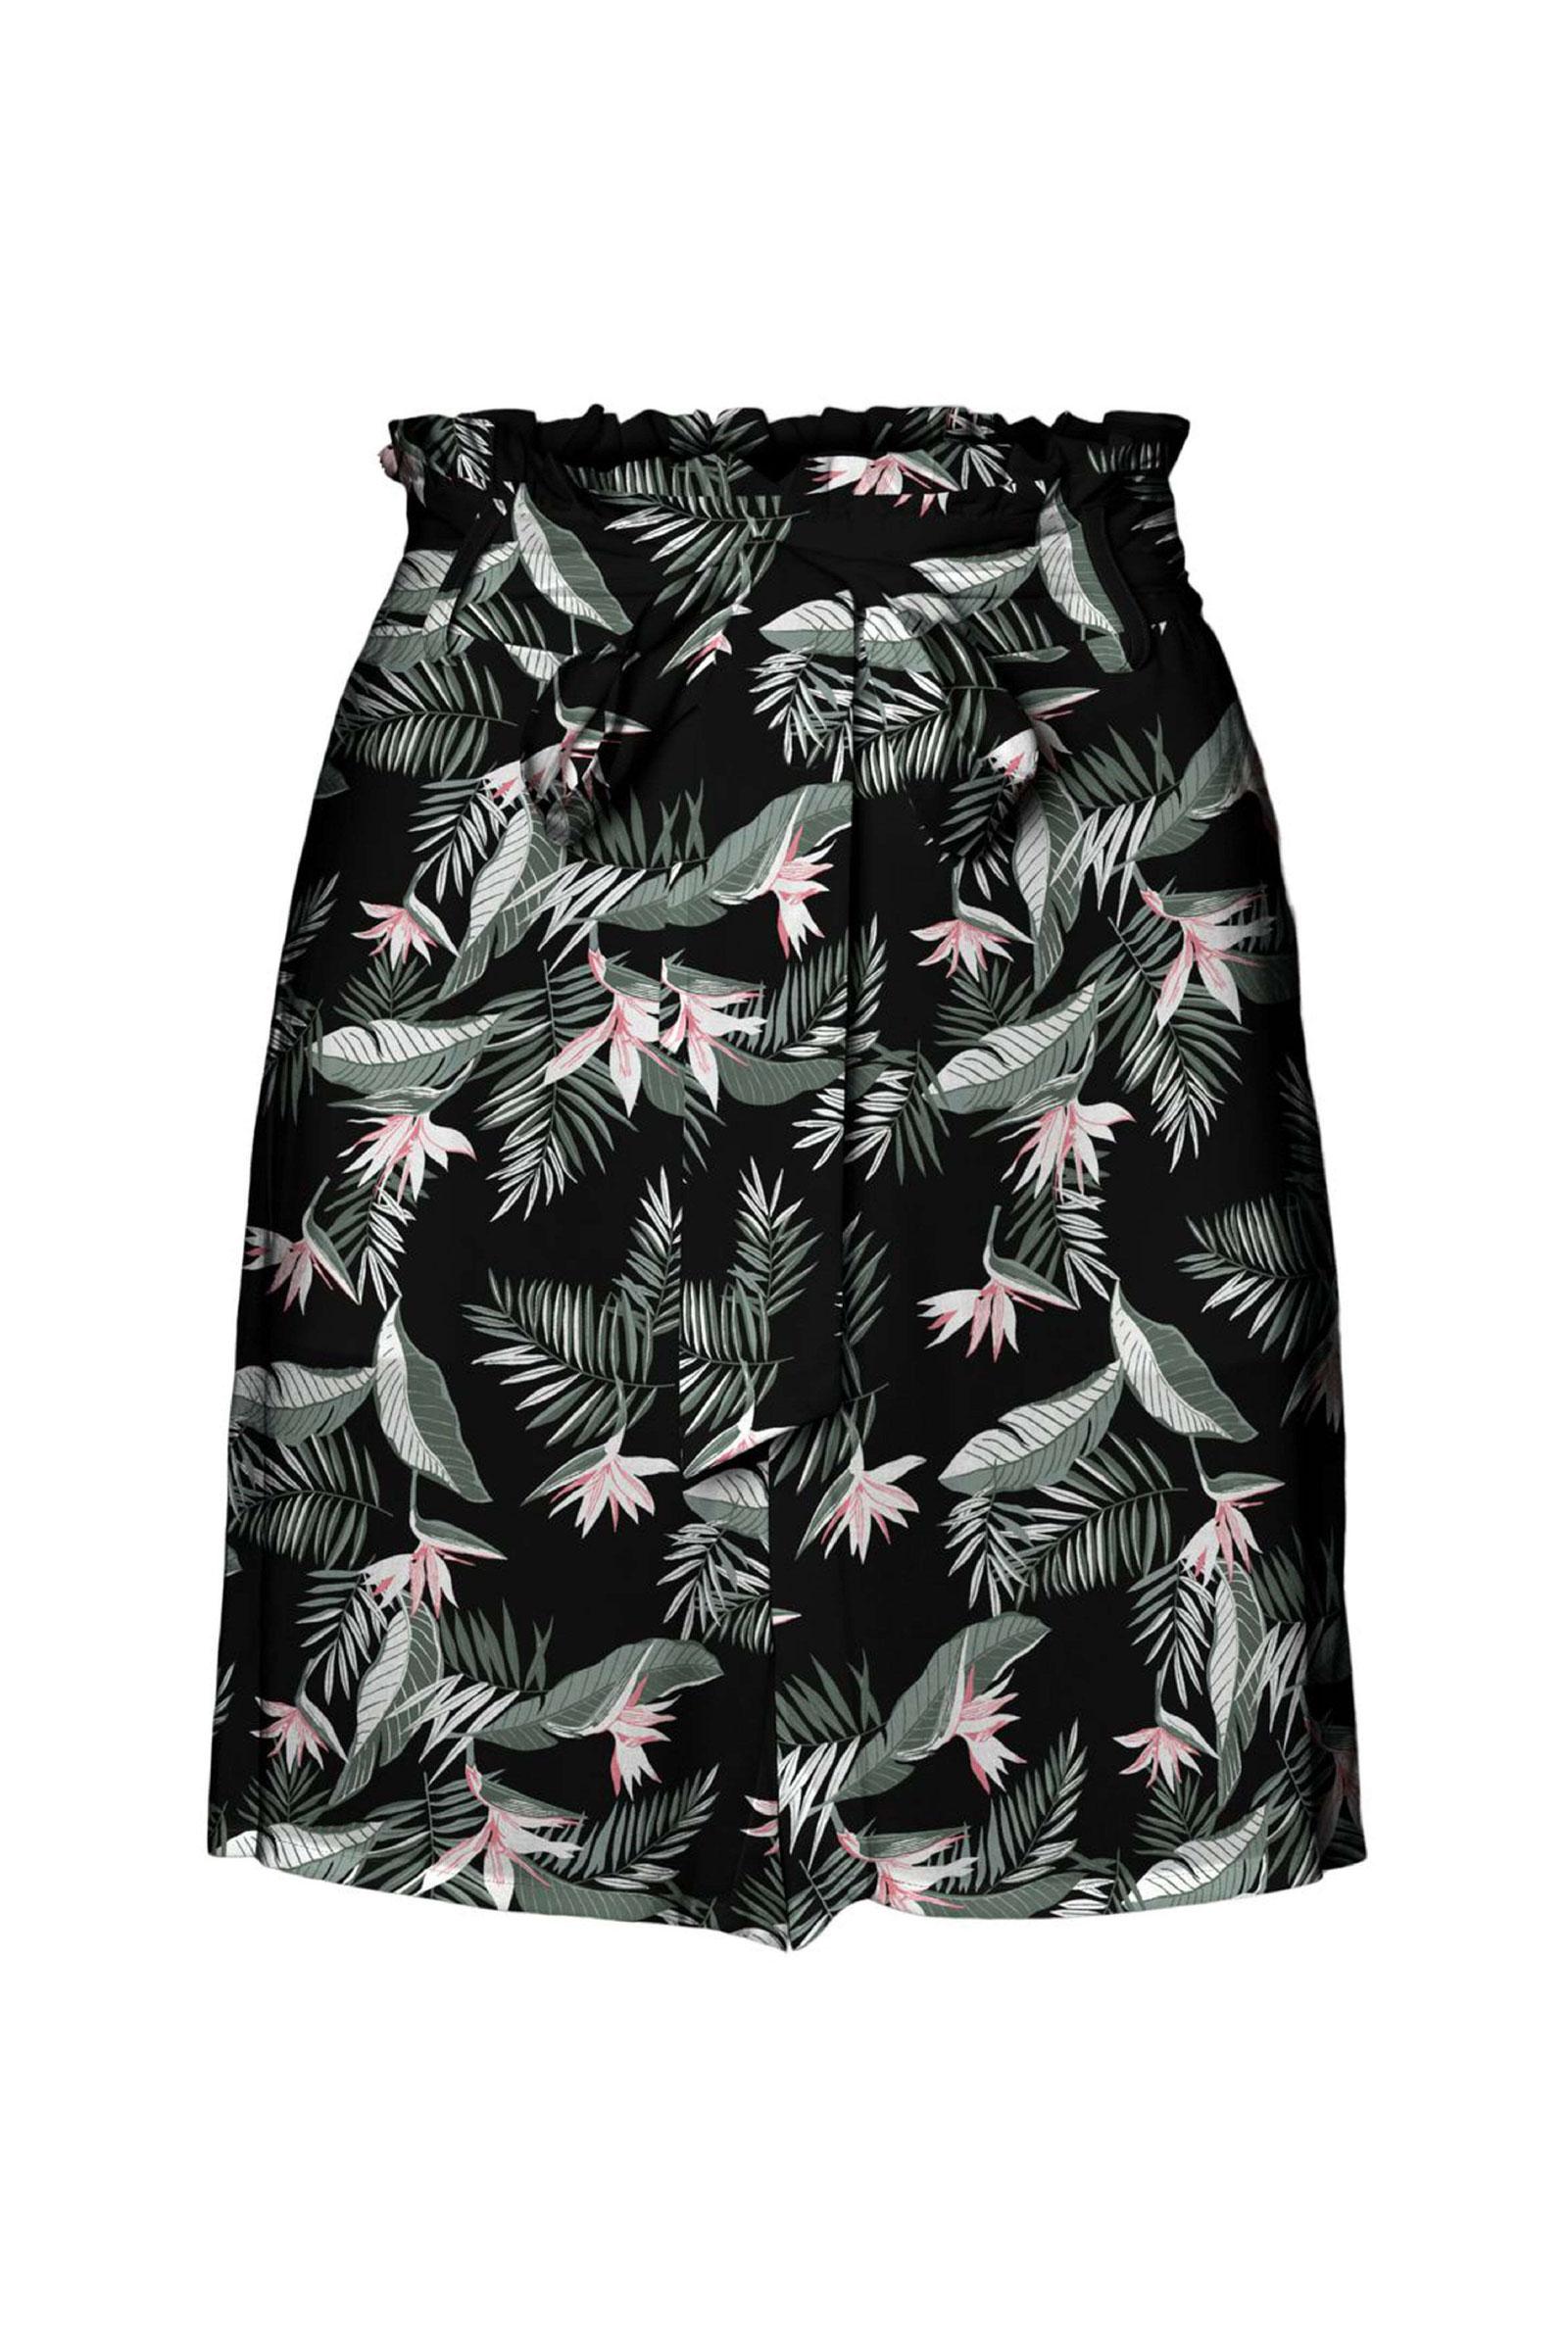 VERO MODA Shorts Donna Modello SIMPLY VERO MODA | Shorts | 10245140AOP-MOLLY